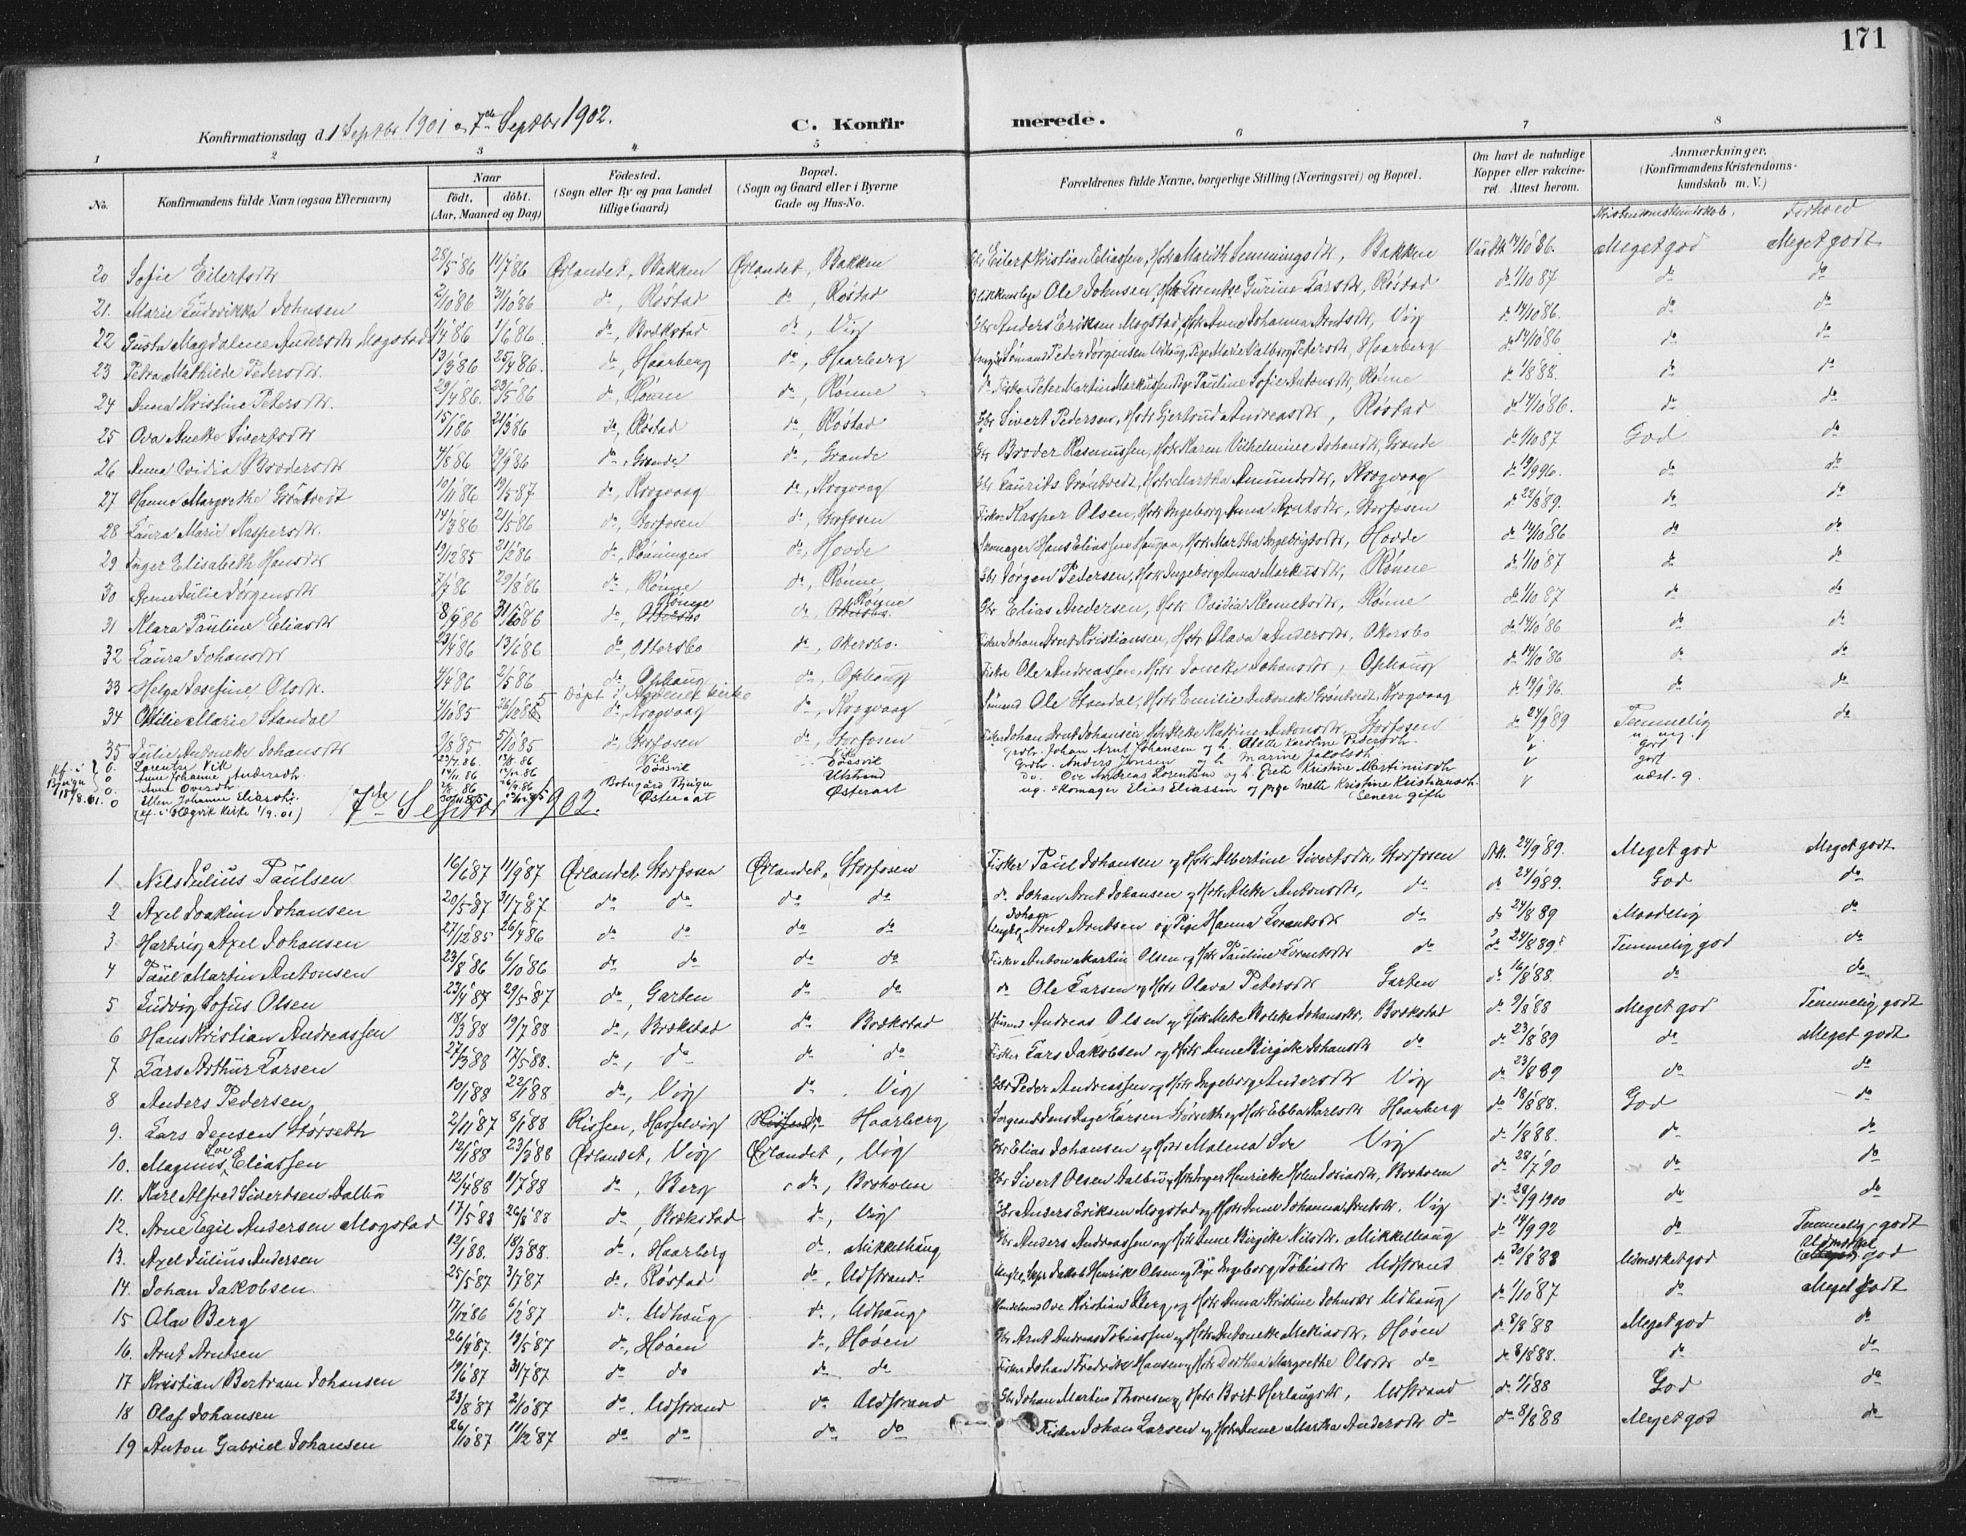 SAT, Ministerialprotokoller, klokkerbøker og fødselsregistre - Sør-Trøndelag, 659/L0743: Ministerialbok nr. 659A13, 1893-1910, s. 171